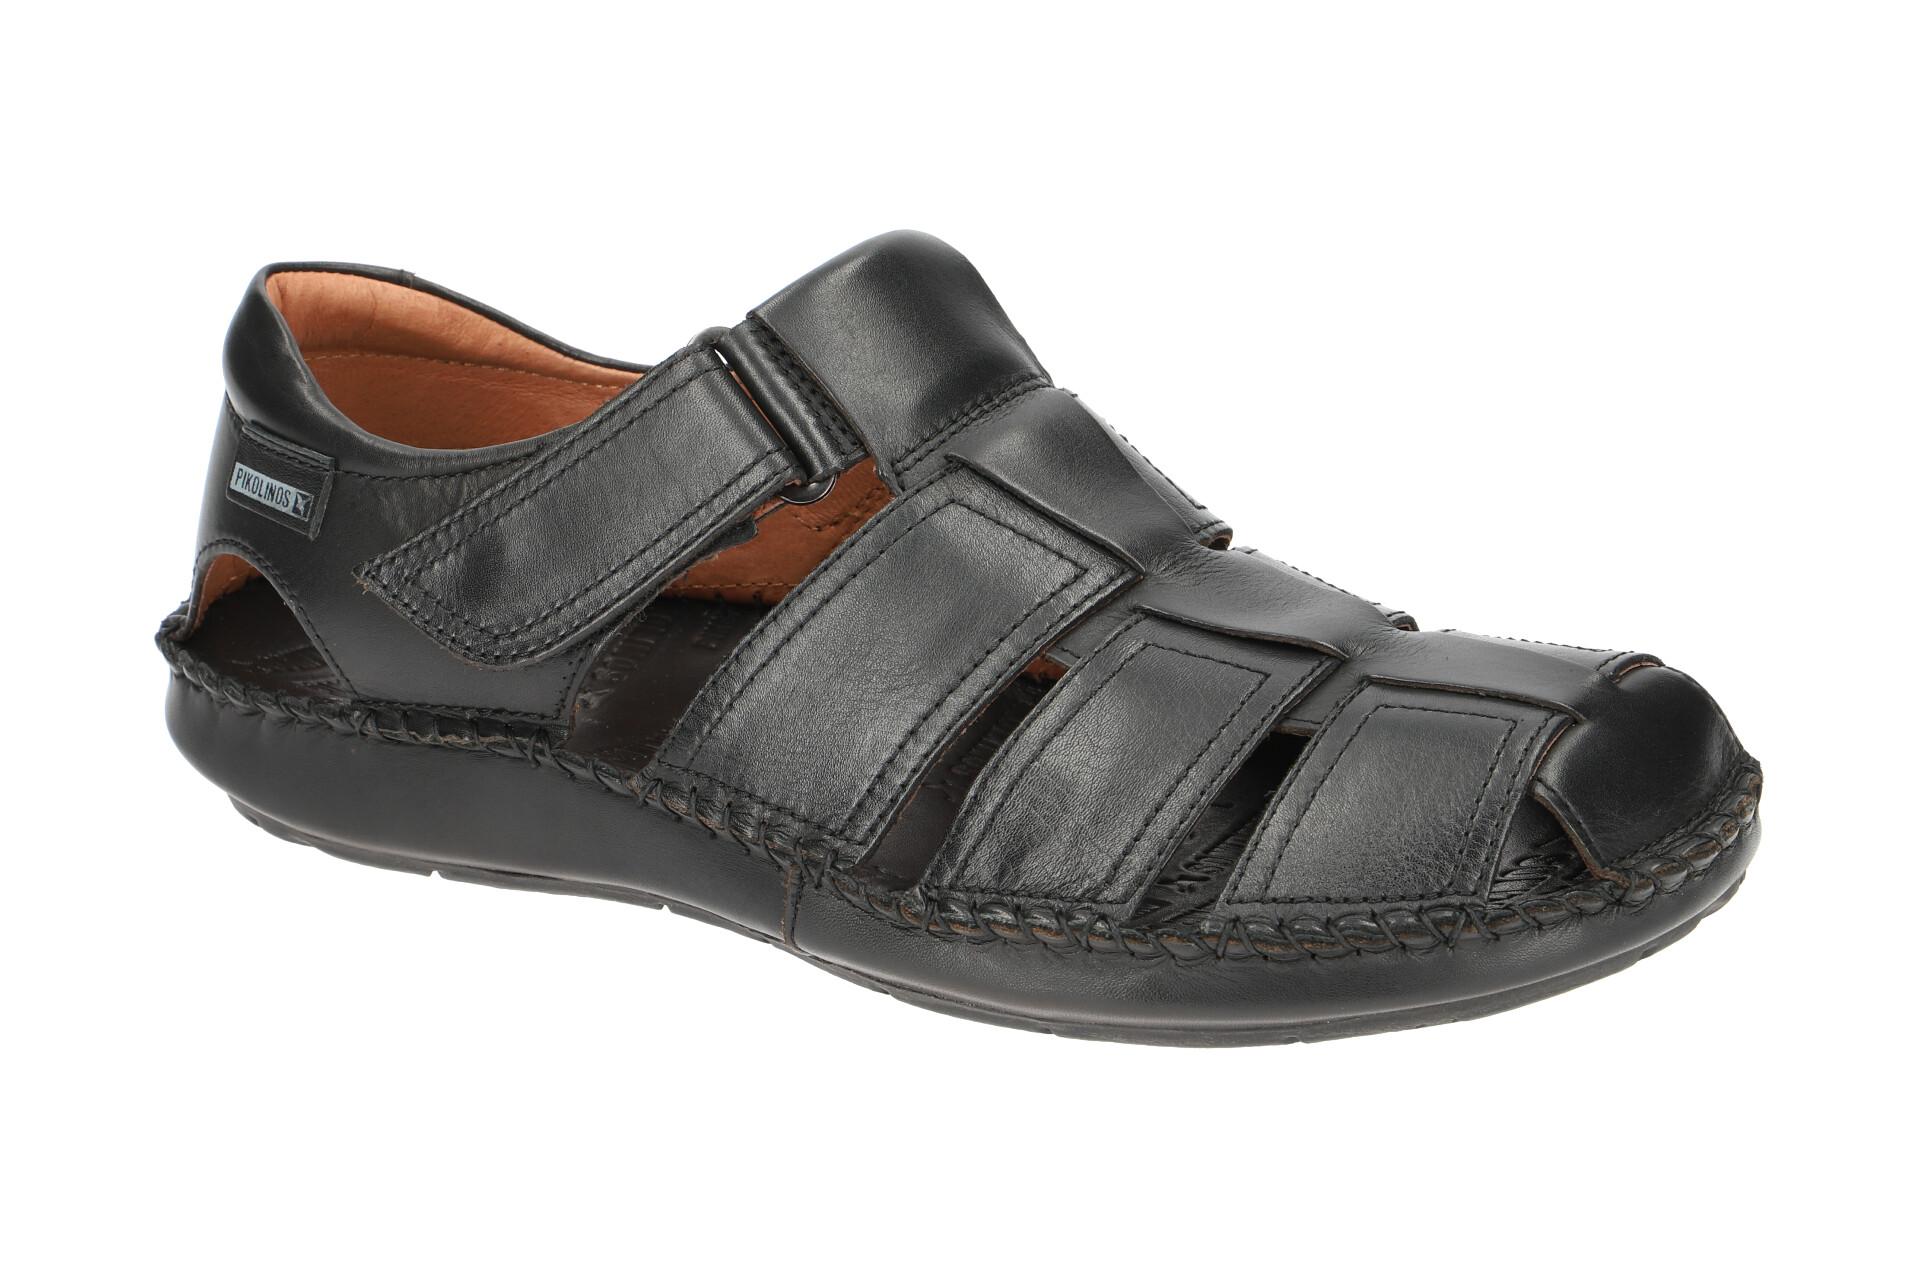 Neu Black Schwarz Schuhe 5433 Herren 06j Pikolinos Details Tarifa Zu Sandale Pn0wkOX8